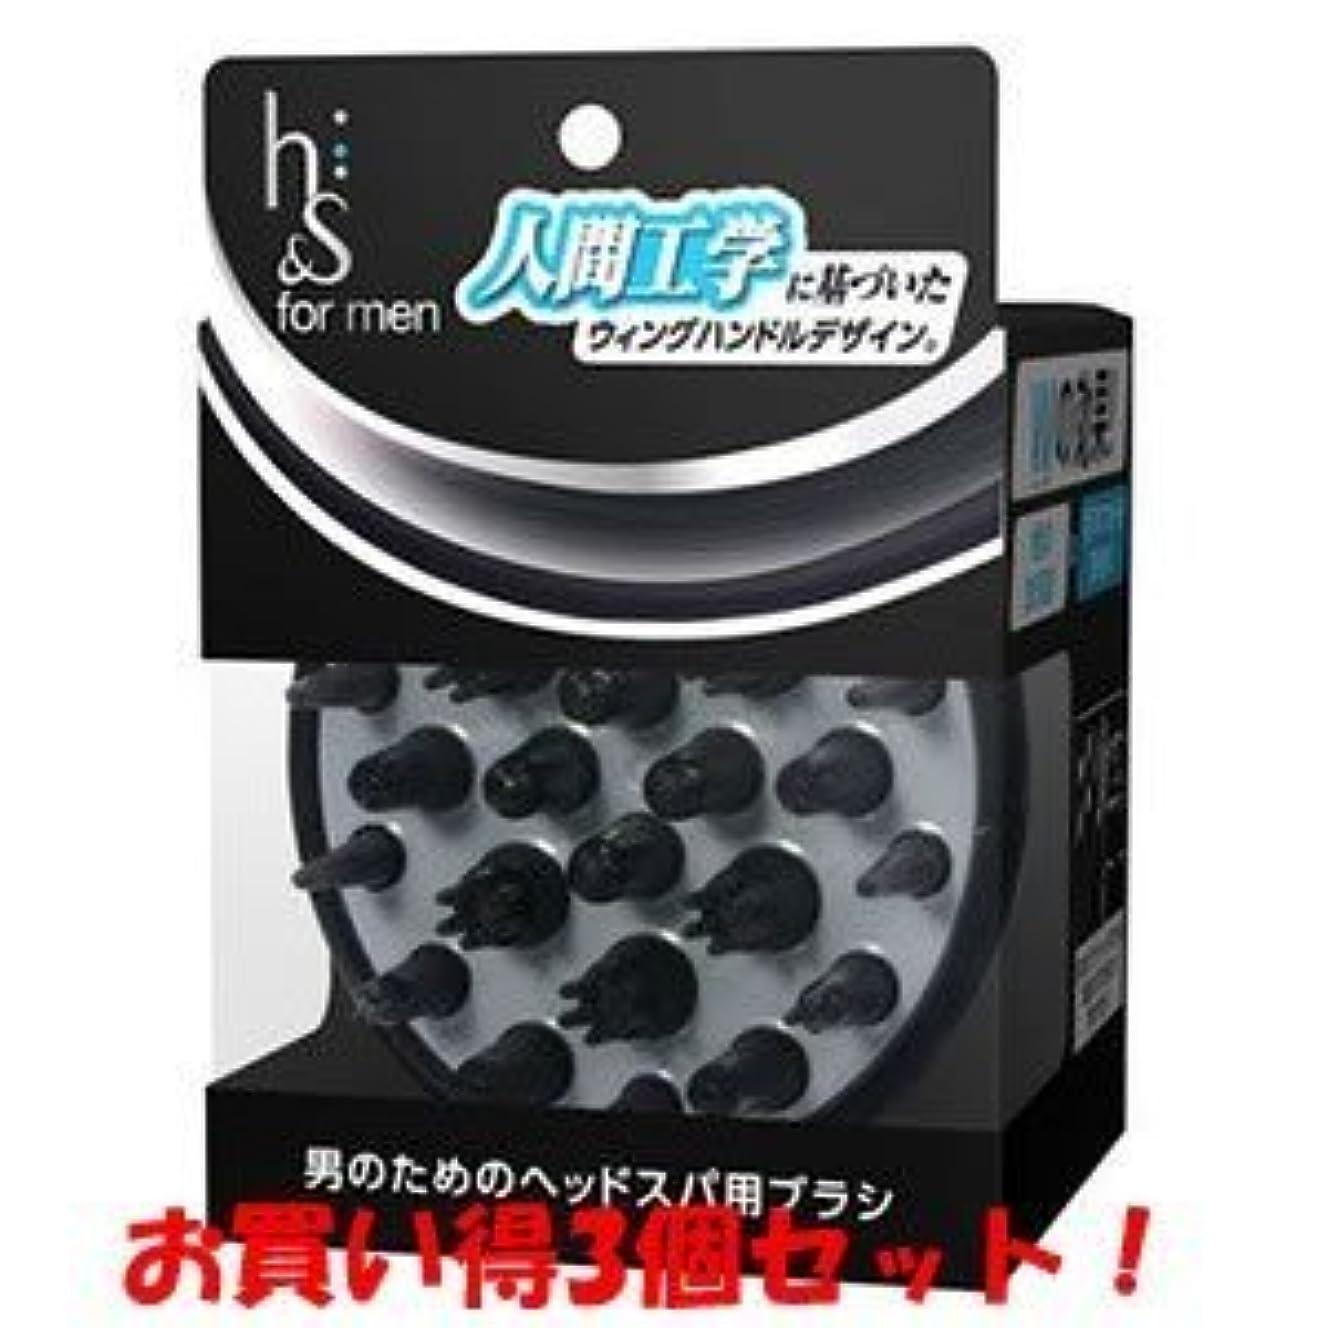 内向き放牧するはさみ【P&G】h&s(エイチアンドエス)フォーメン 男のためのヘッドスパ用ブラシ 1個(お買い得3個セット)